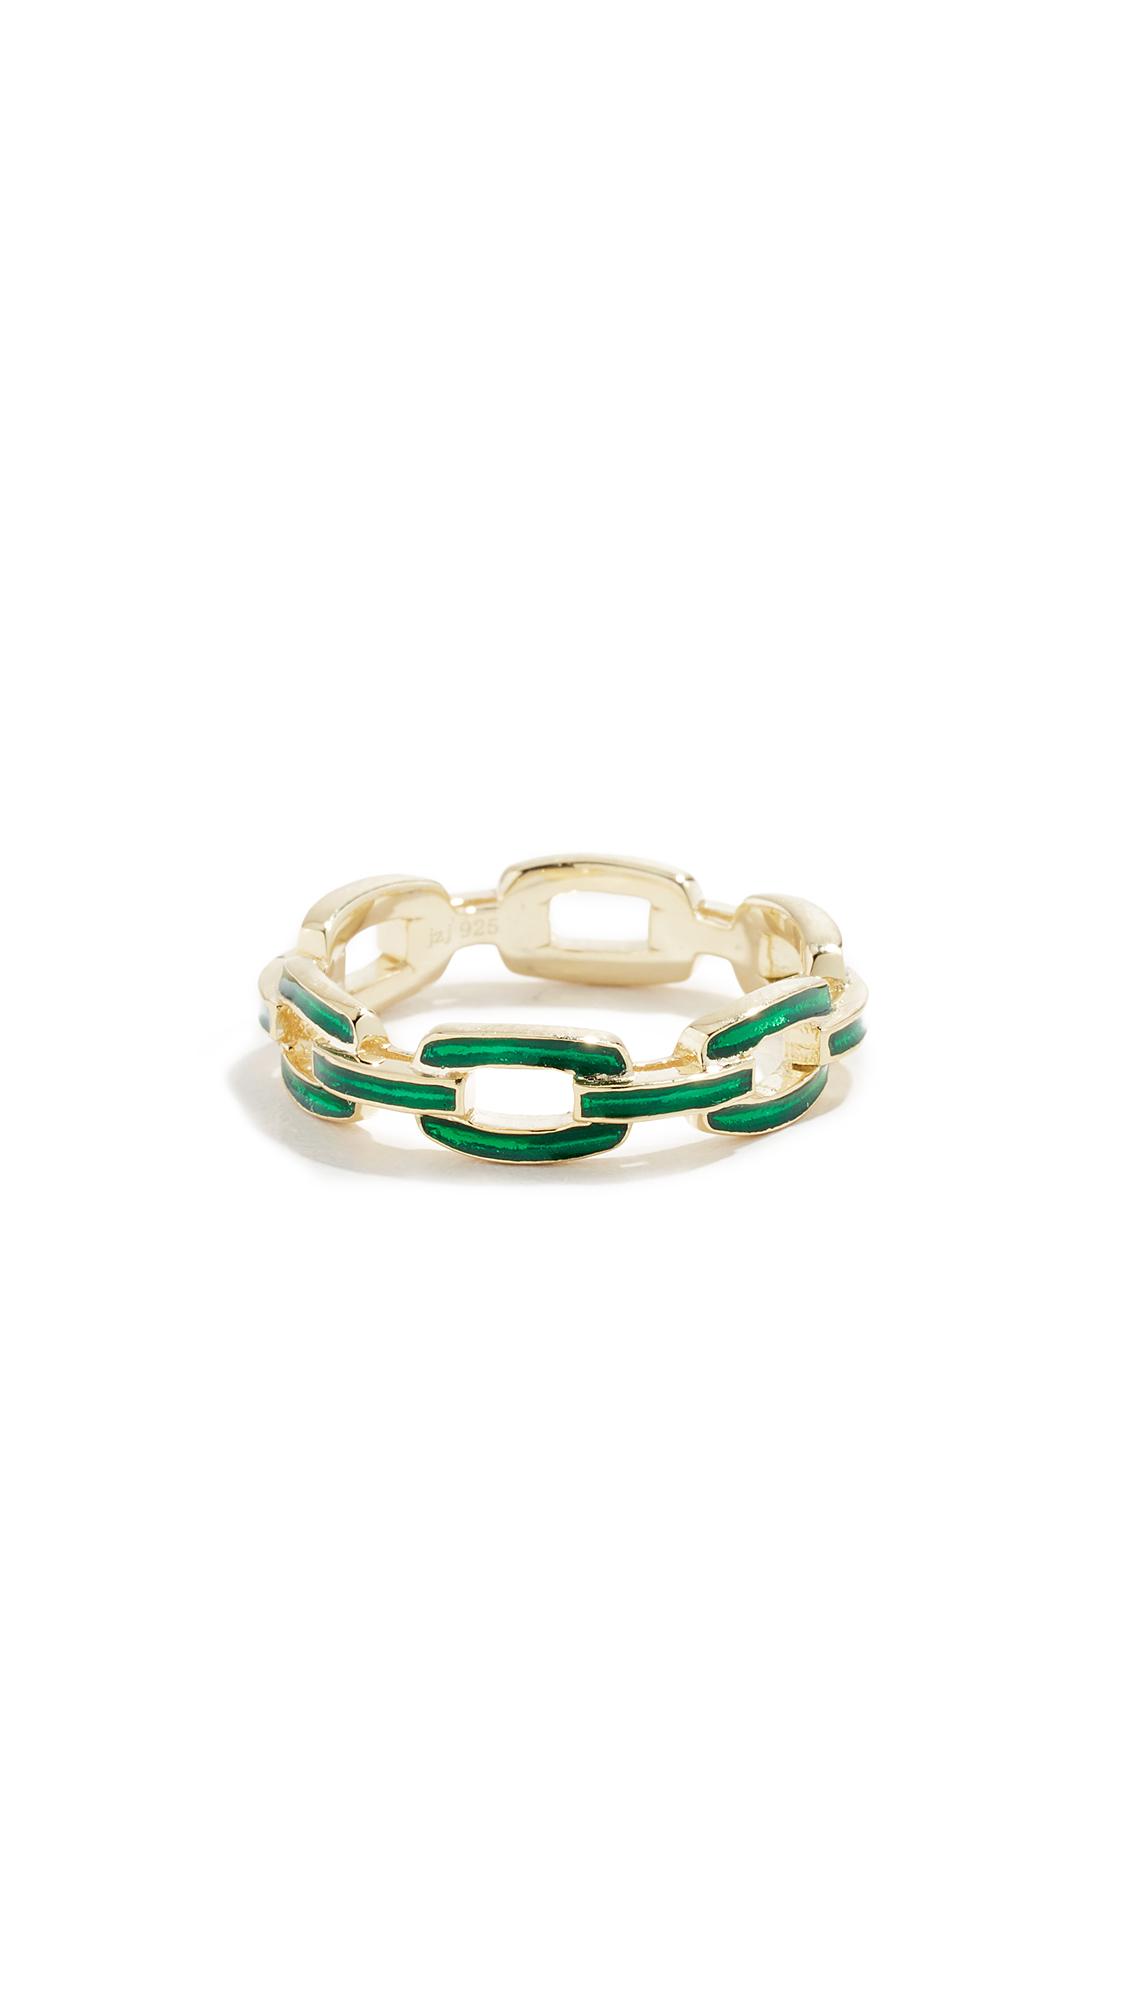 JENNIFER ZEUNER JEWELRY Carmine Enamel Ring in Gold/Green